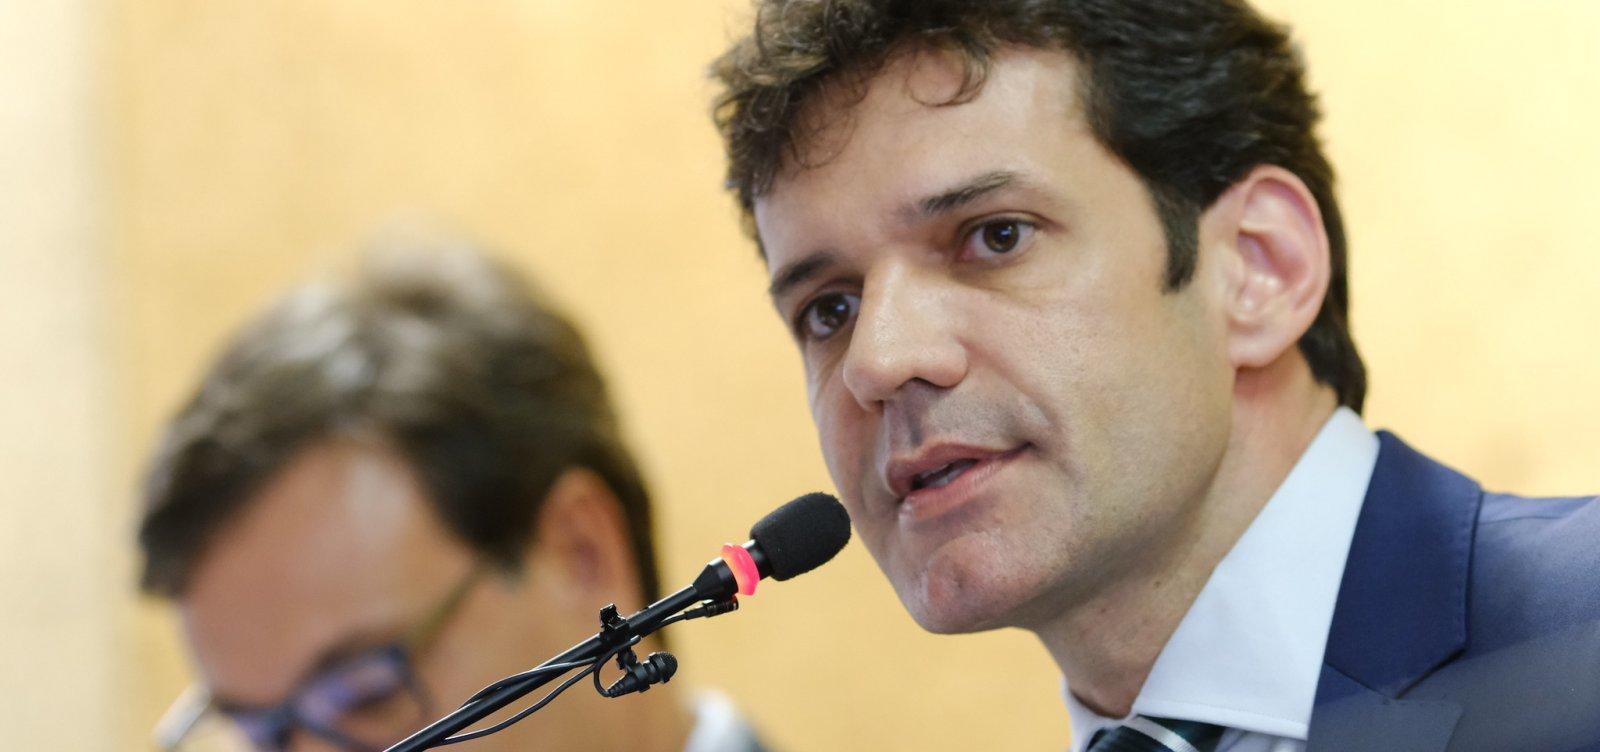 [Governo libera R$ 5 bilhões para infraestrutura de Turismo, via Fungetur]